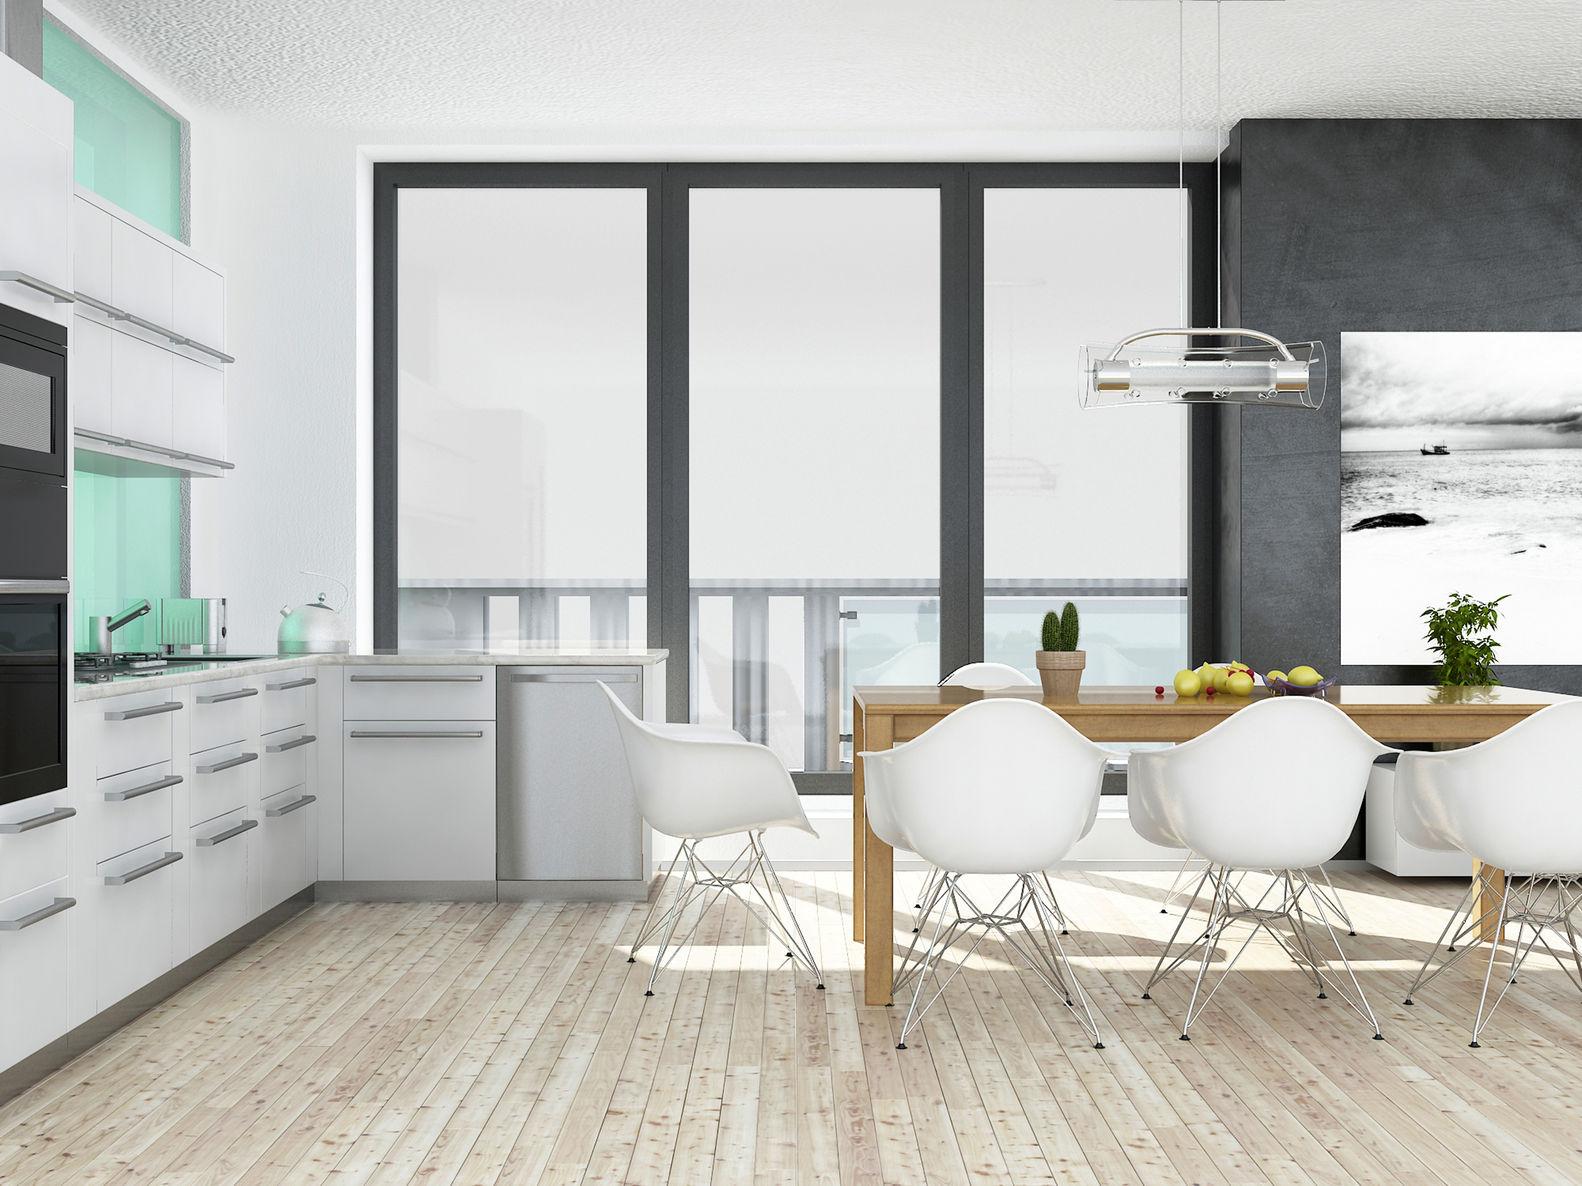 Arredare casa in stile moderno consigli e suggerimenti for Casa stile moderno